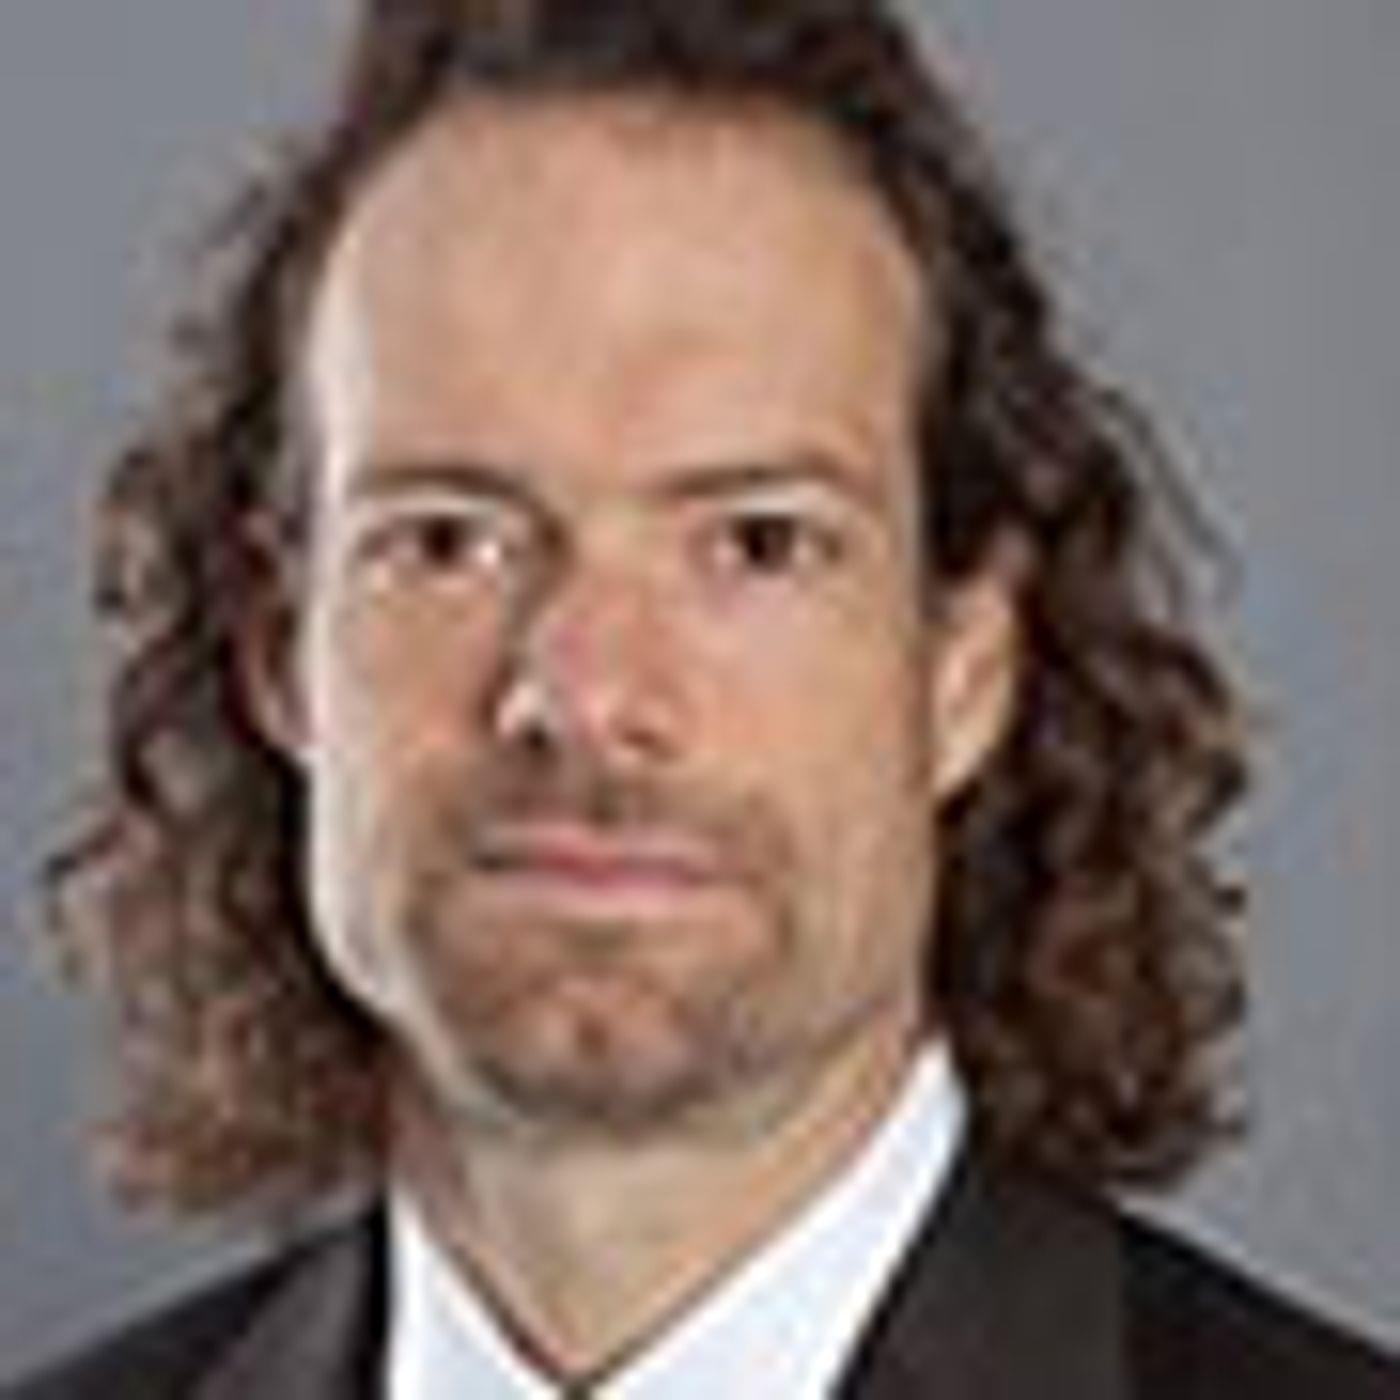 Todd Juenger